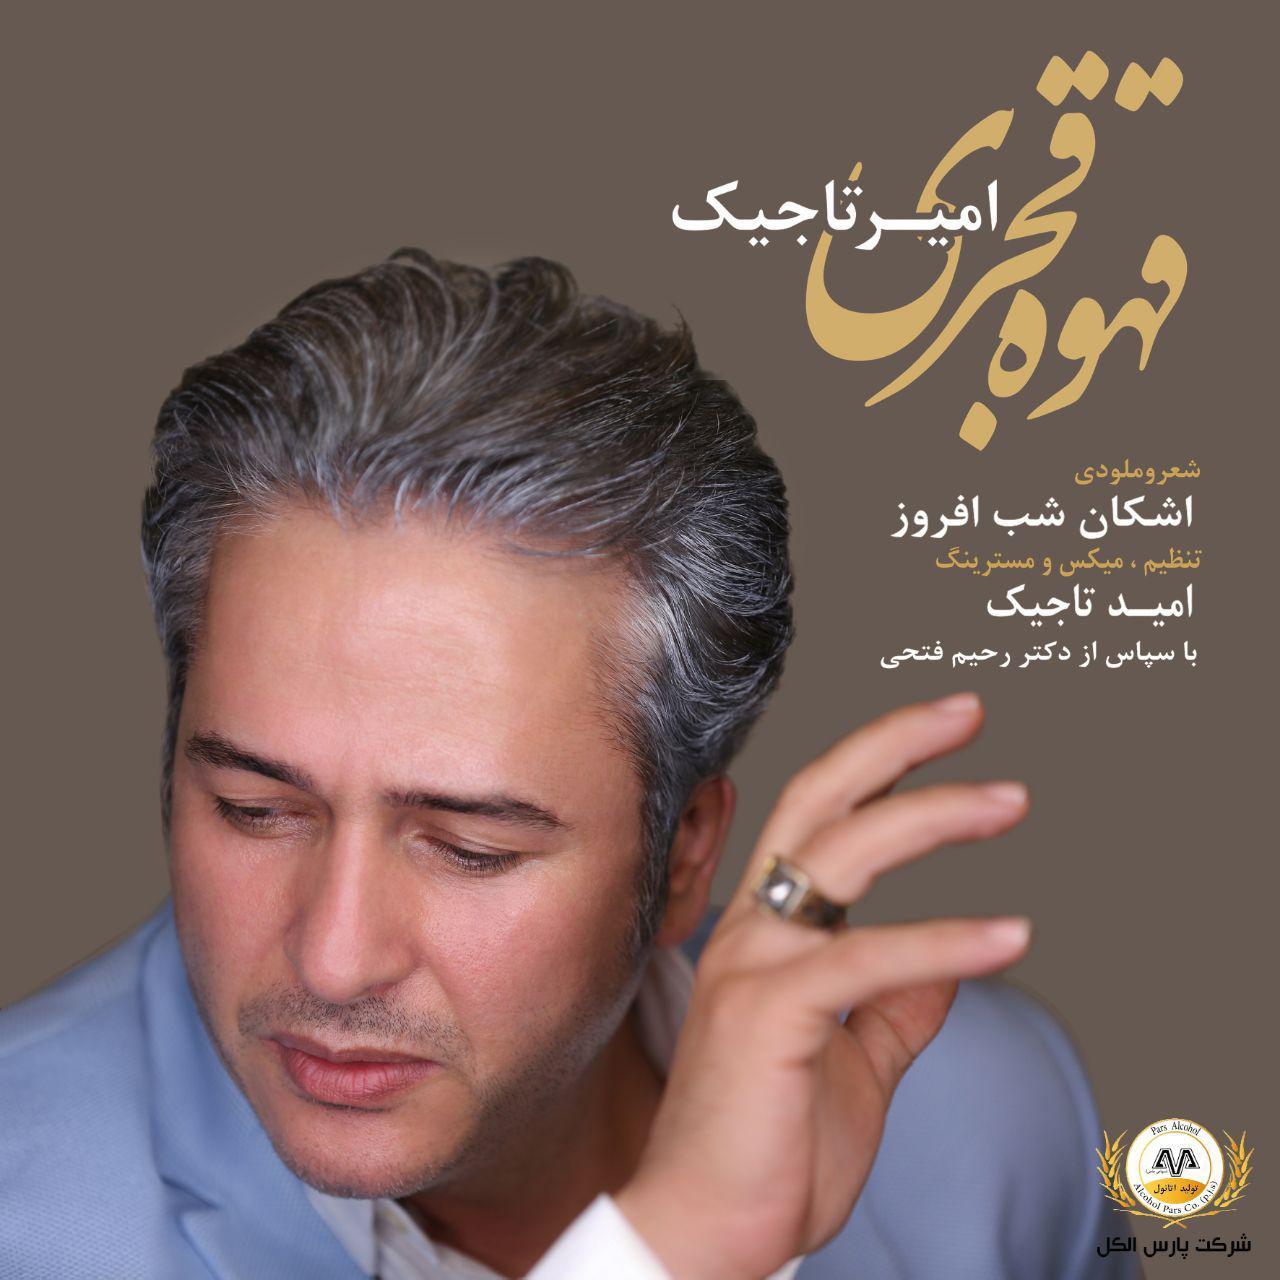 دانلود آهنگ قهوه قجری از امیر تاجیک